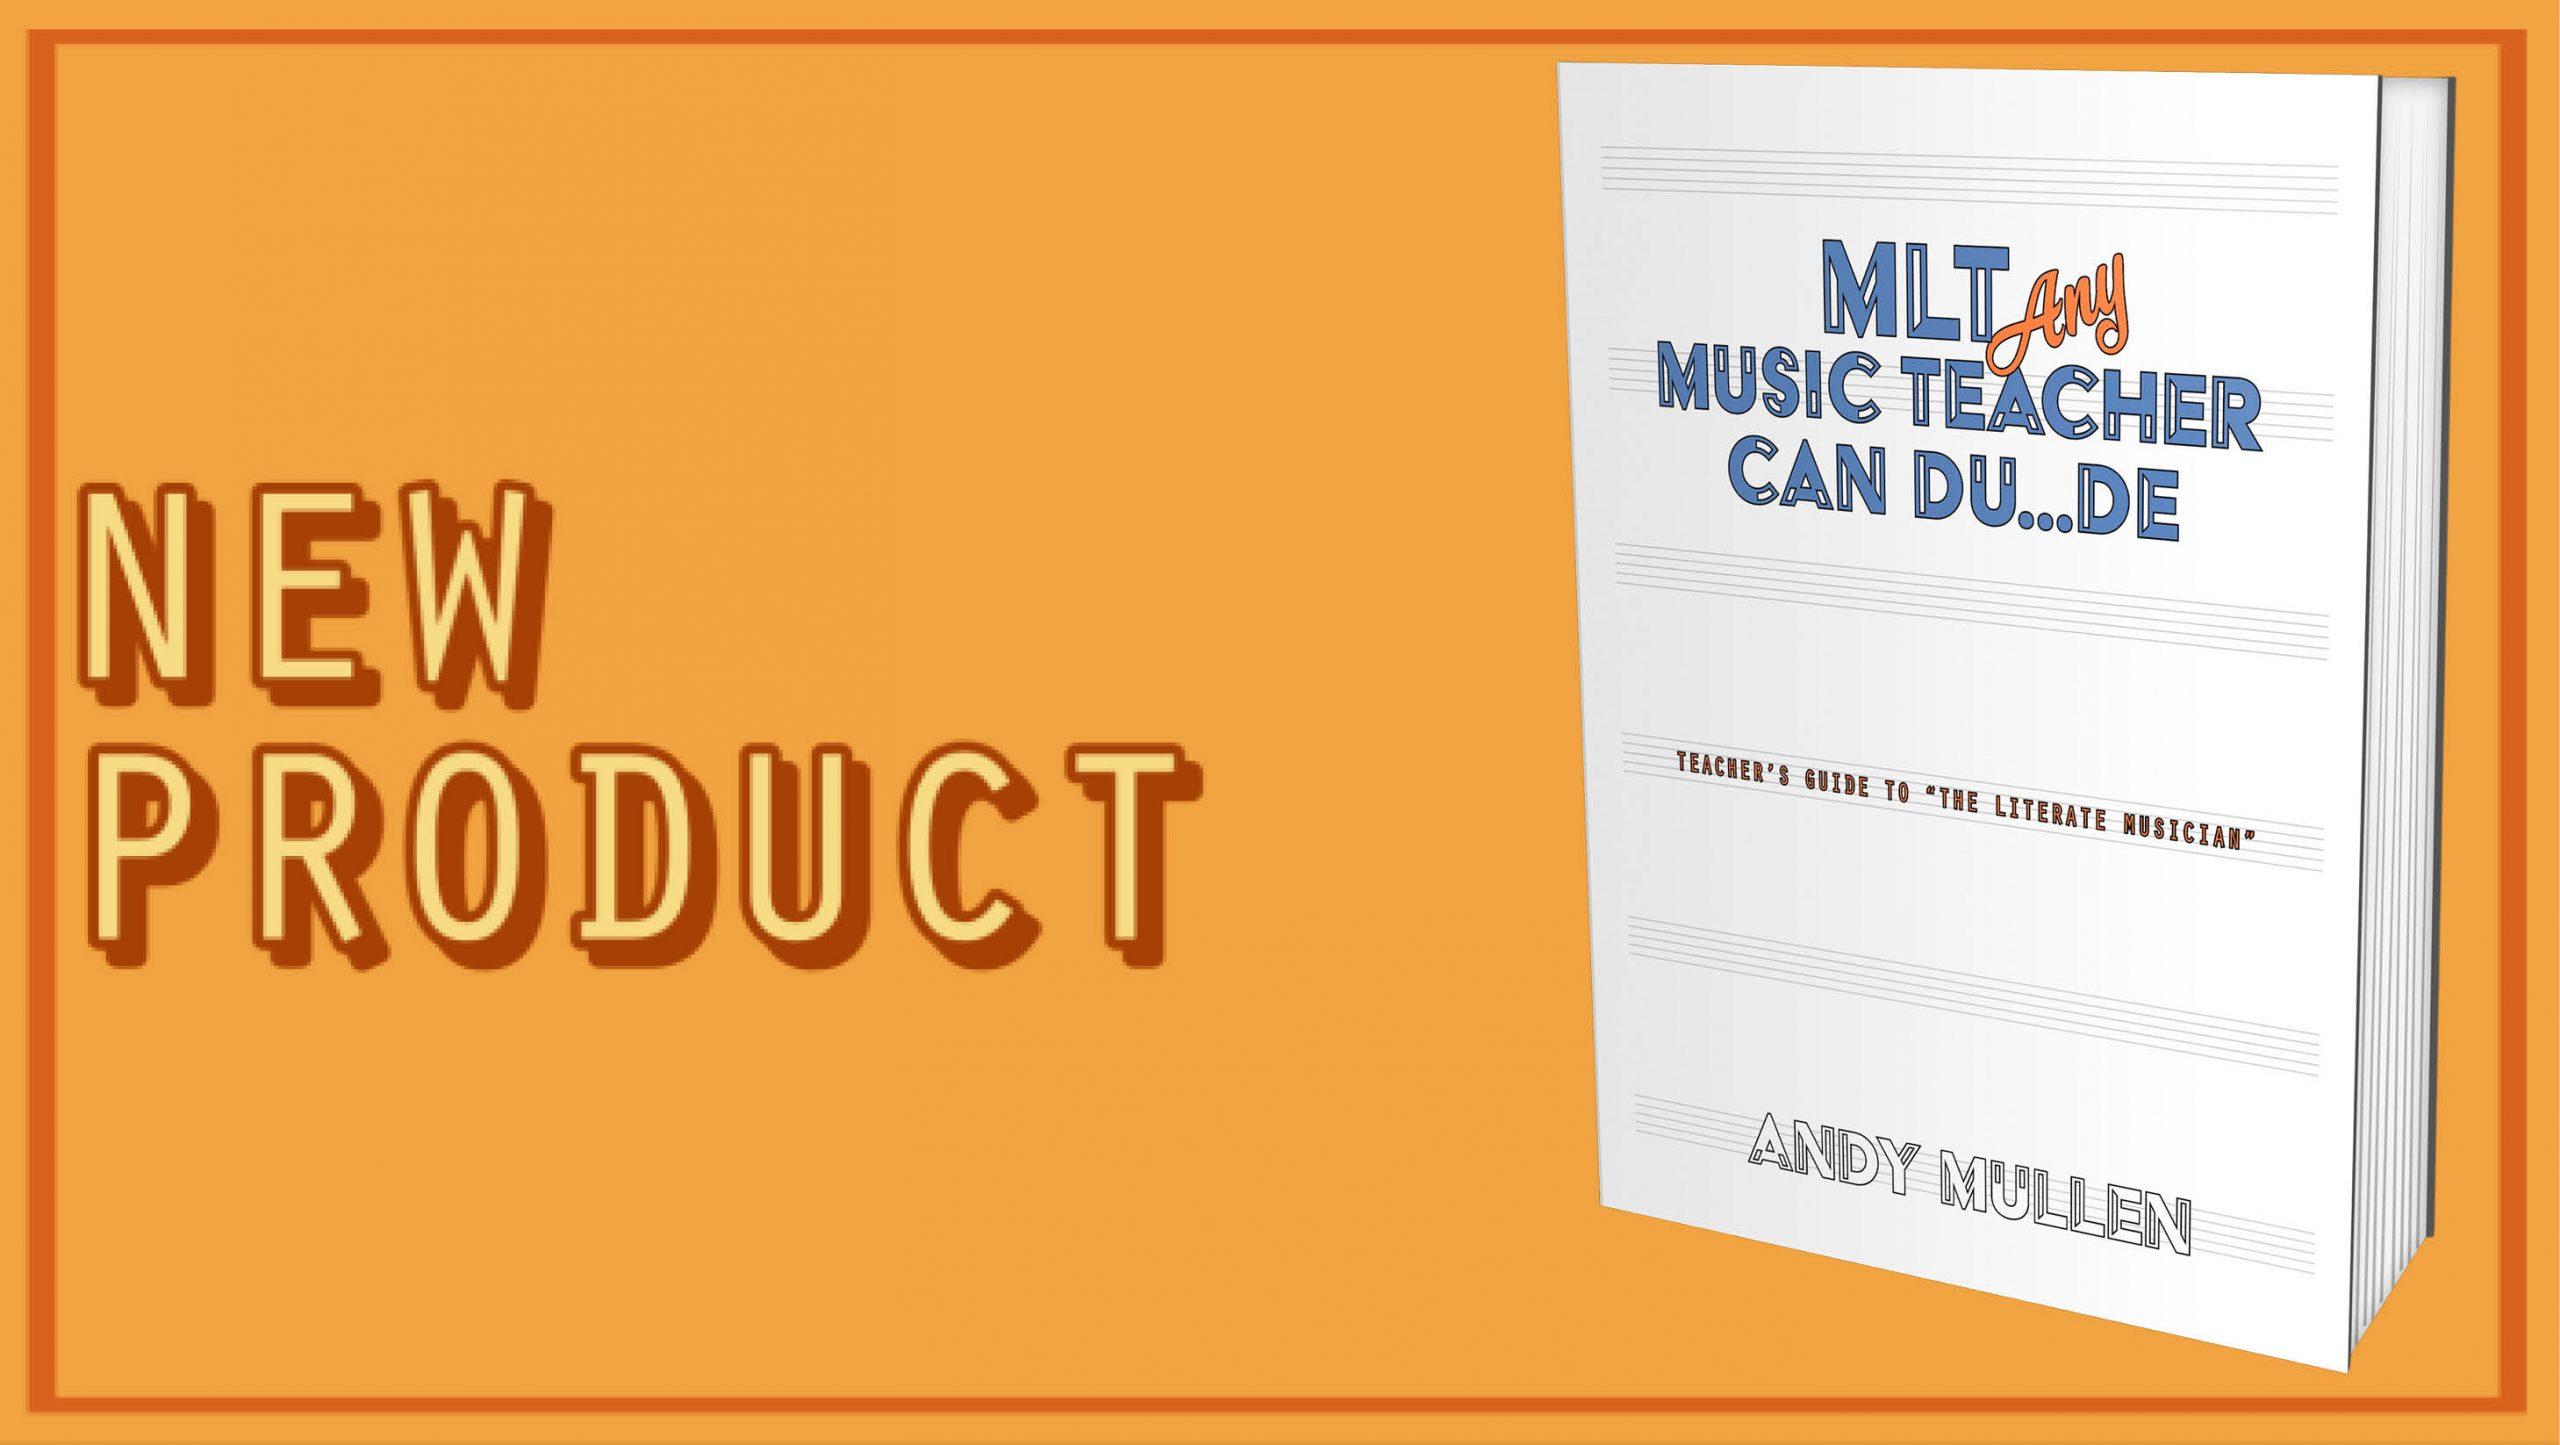 new resource mlt any music teacher can du de scaled - New Resource: MLT Any Music Teacher Can Du…De